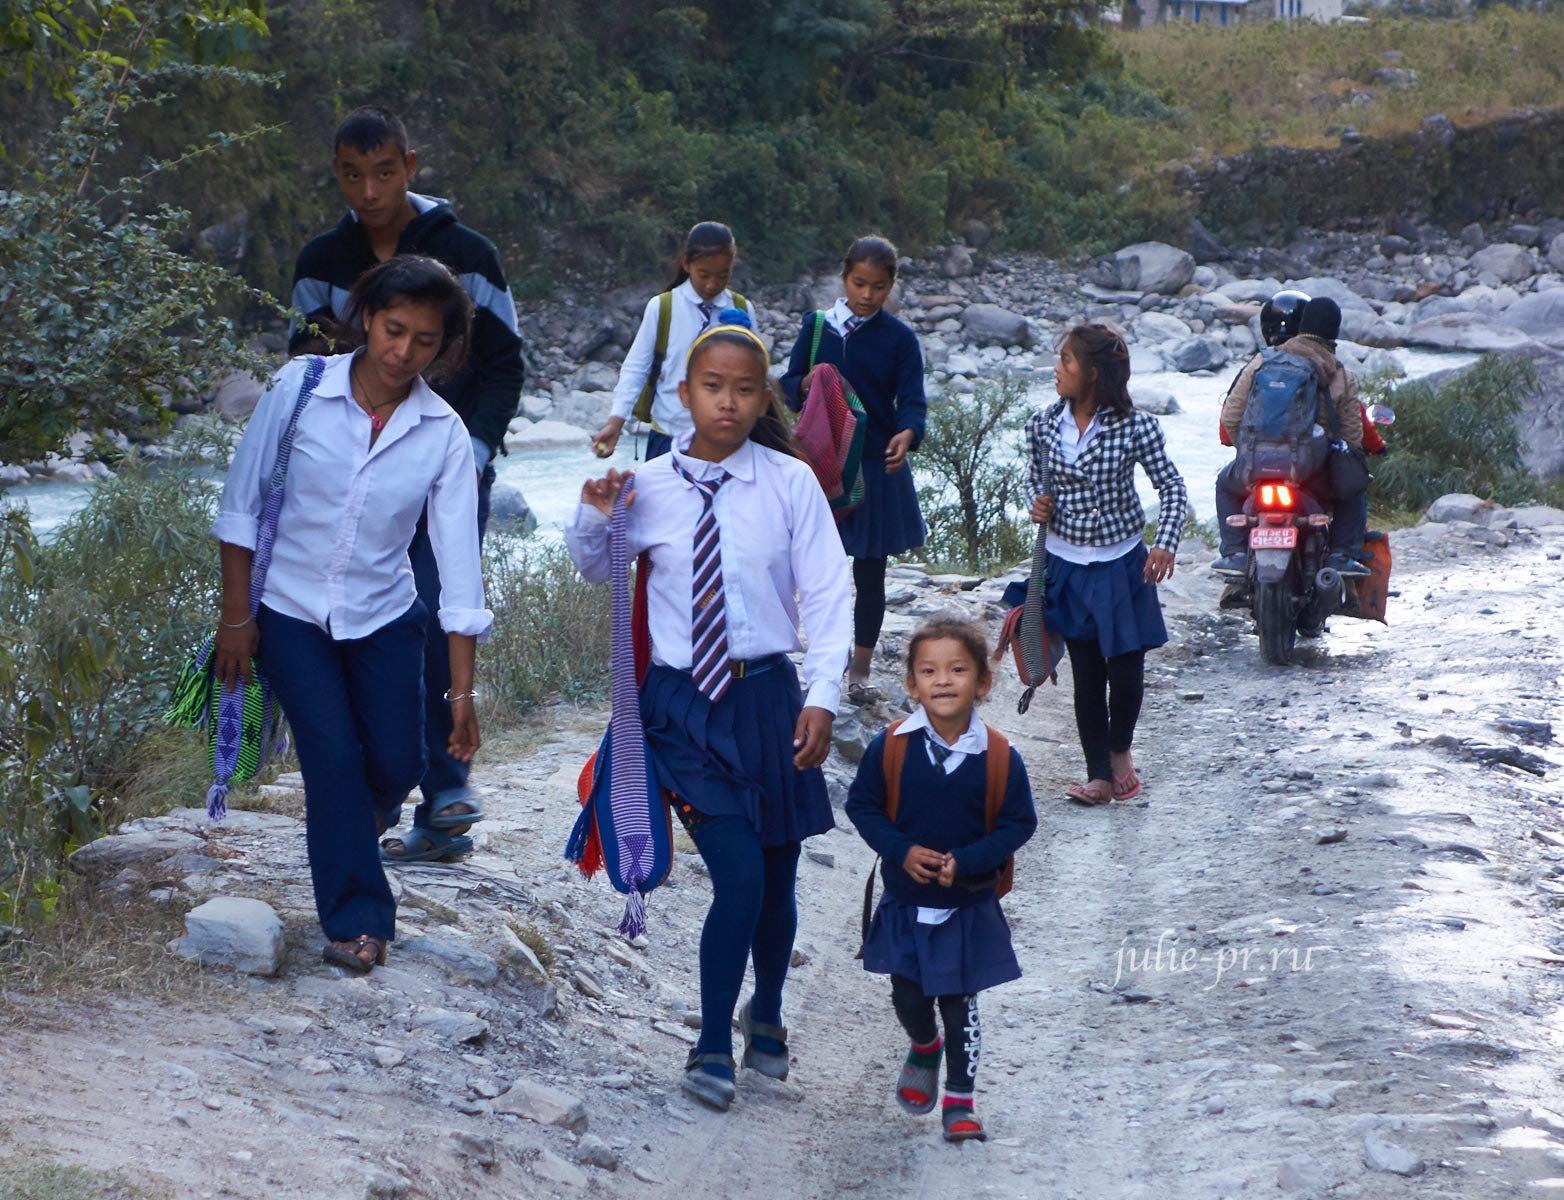 Непал, Татопани, Школьники